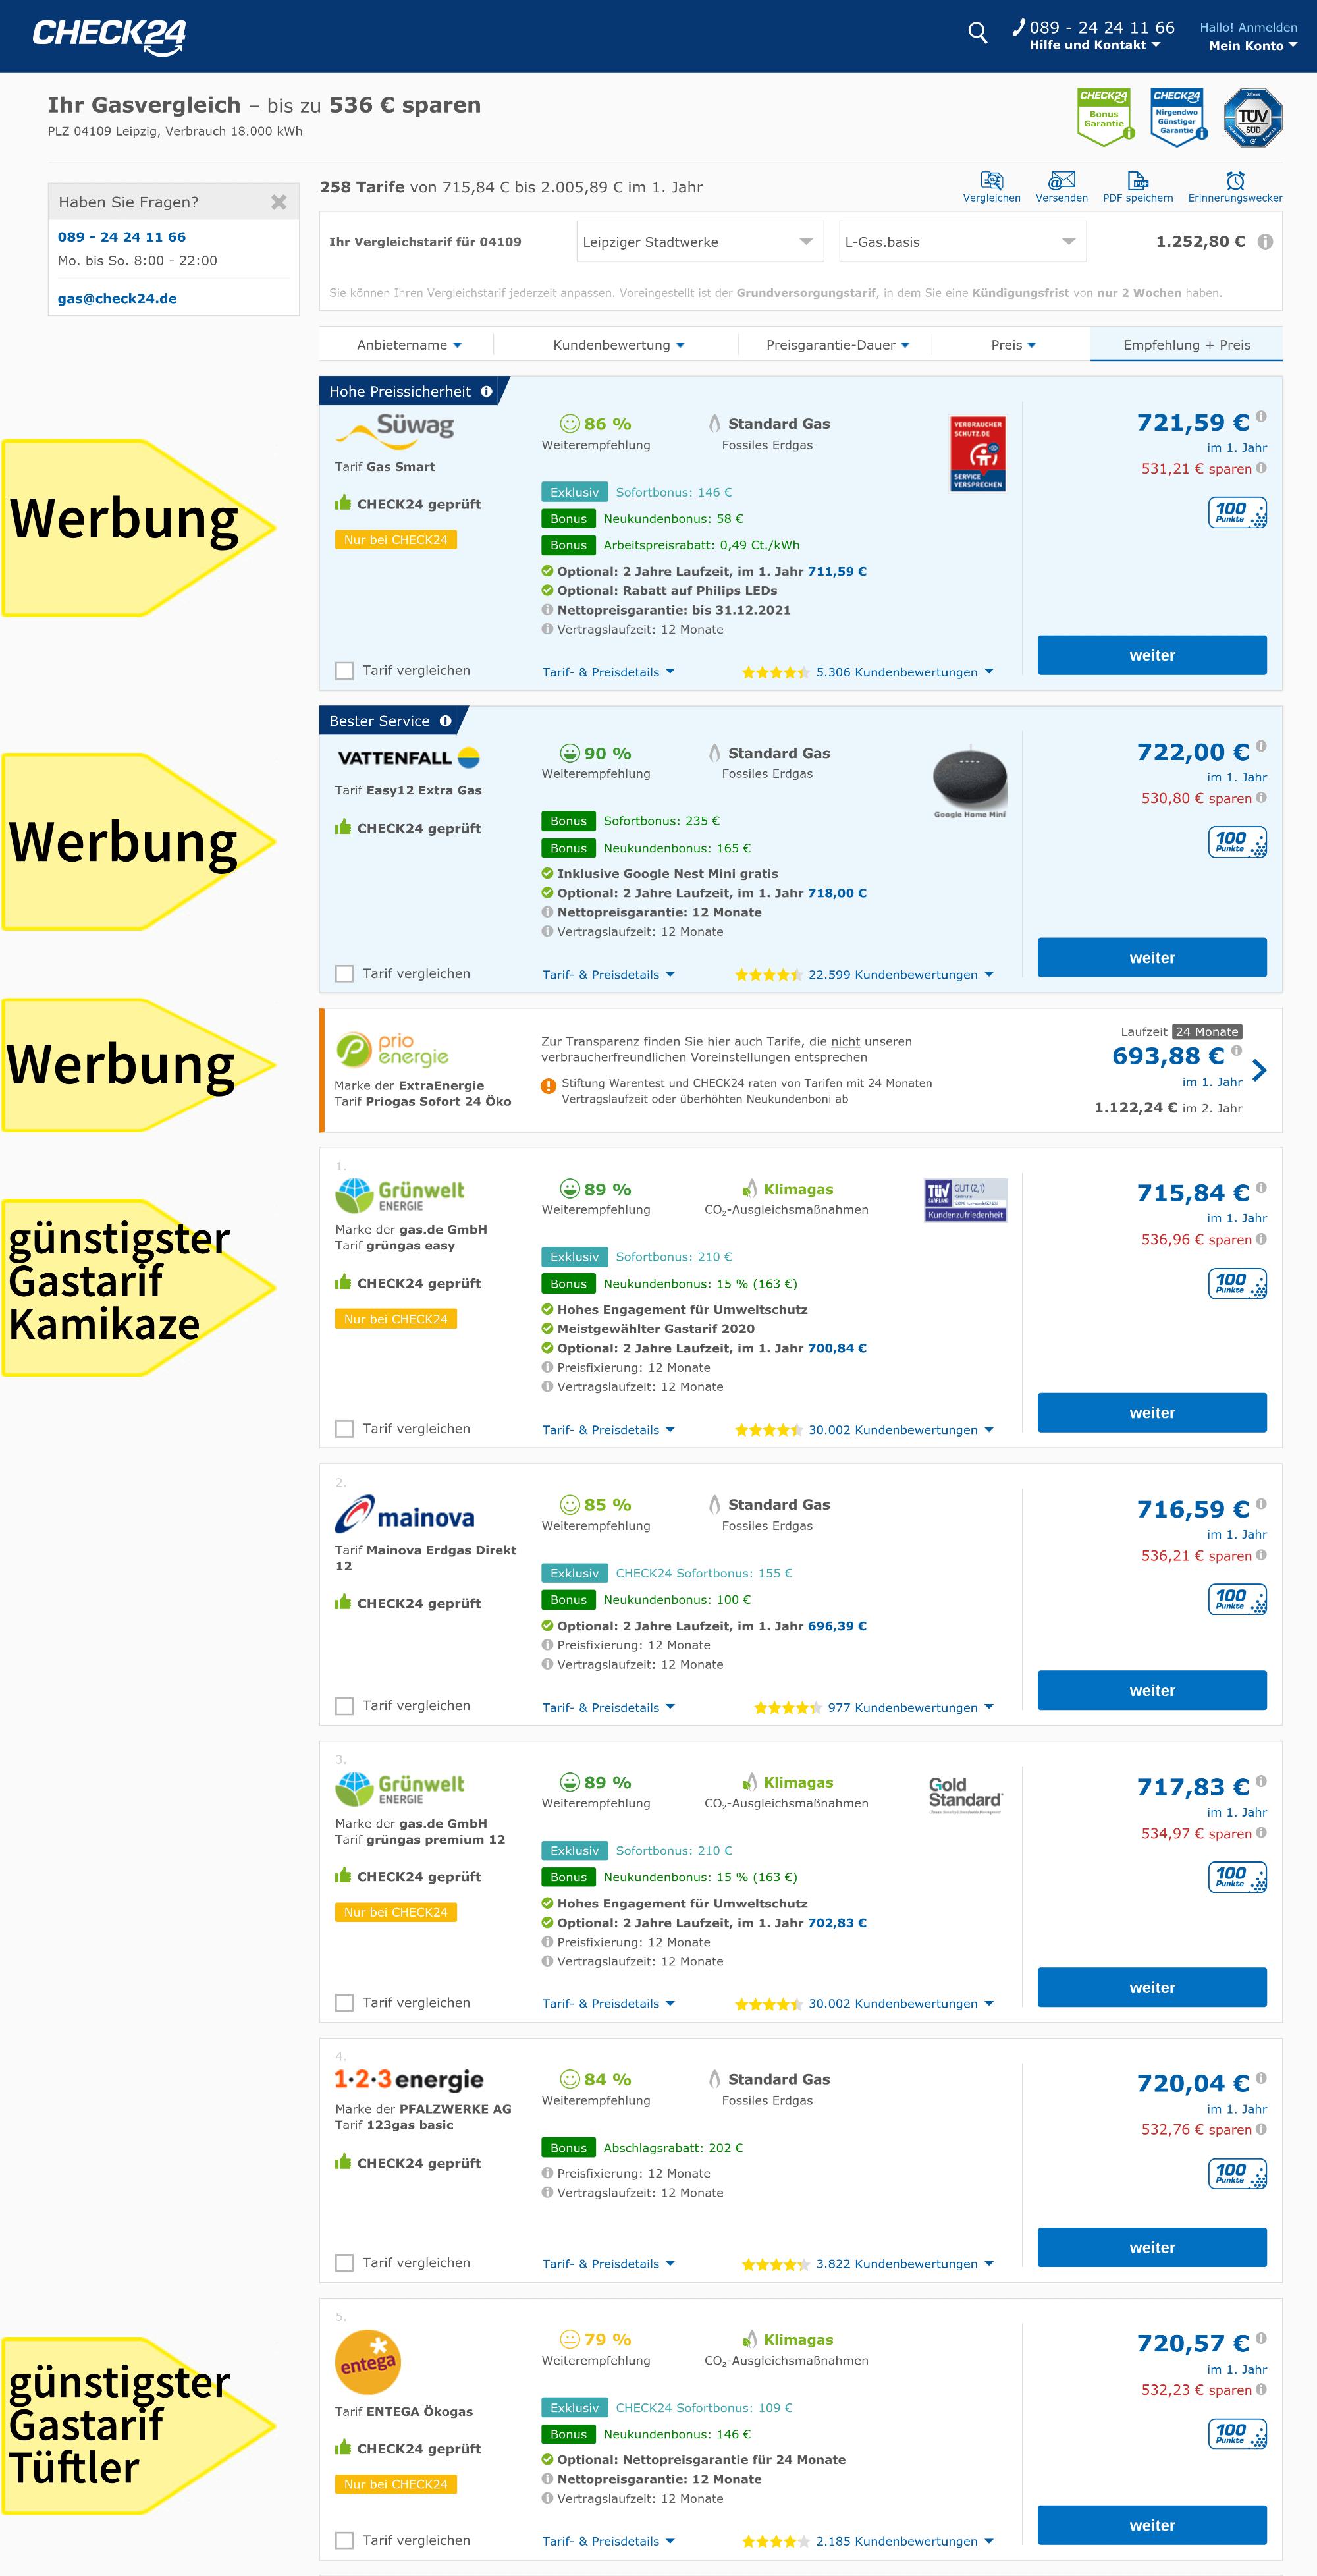 Gaspreisvergleich Leipzig Vergleichsportal Check 24 günstige Gastarife